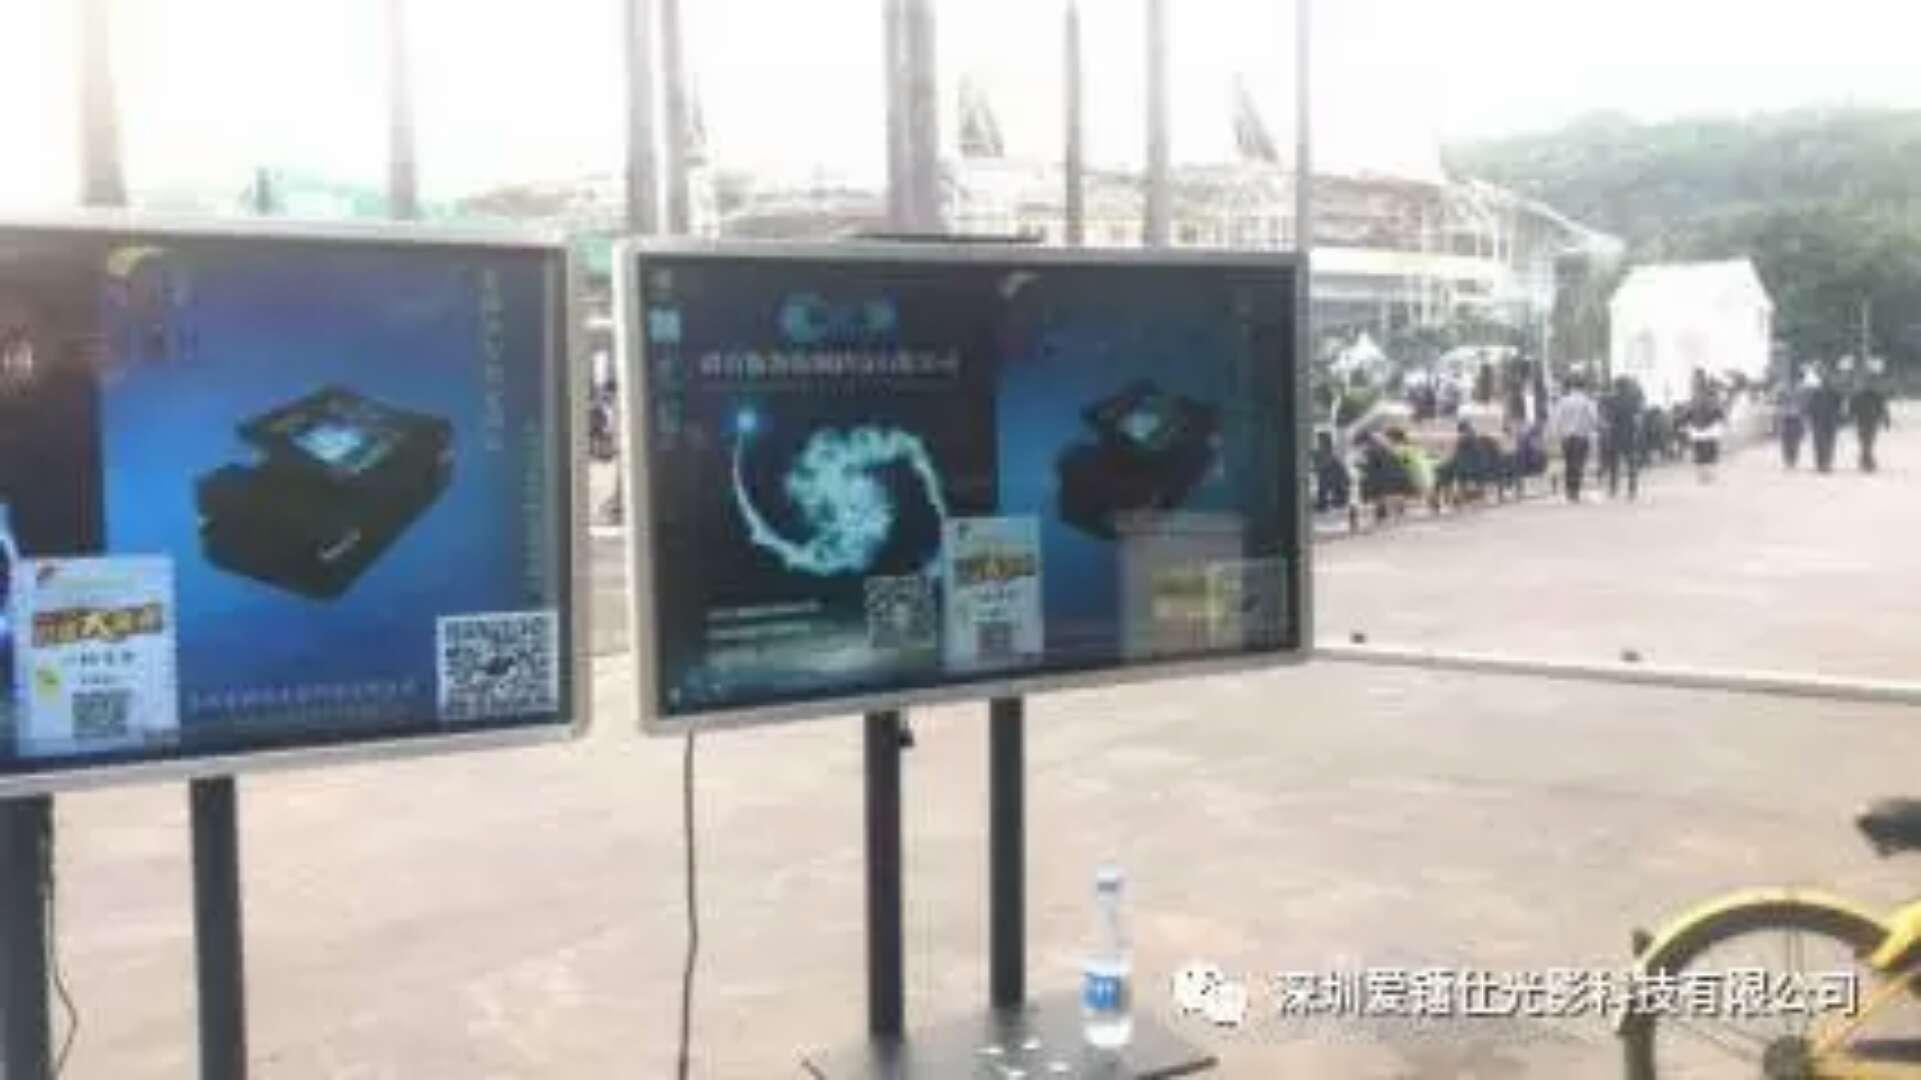 乐动新声,瞳创未来---爱镭仕助力2017深圳丛林音乐节